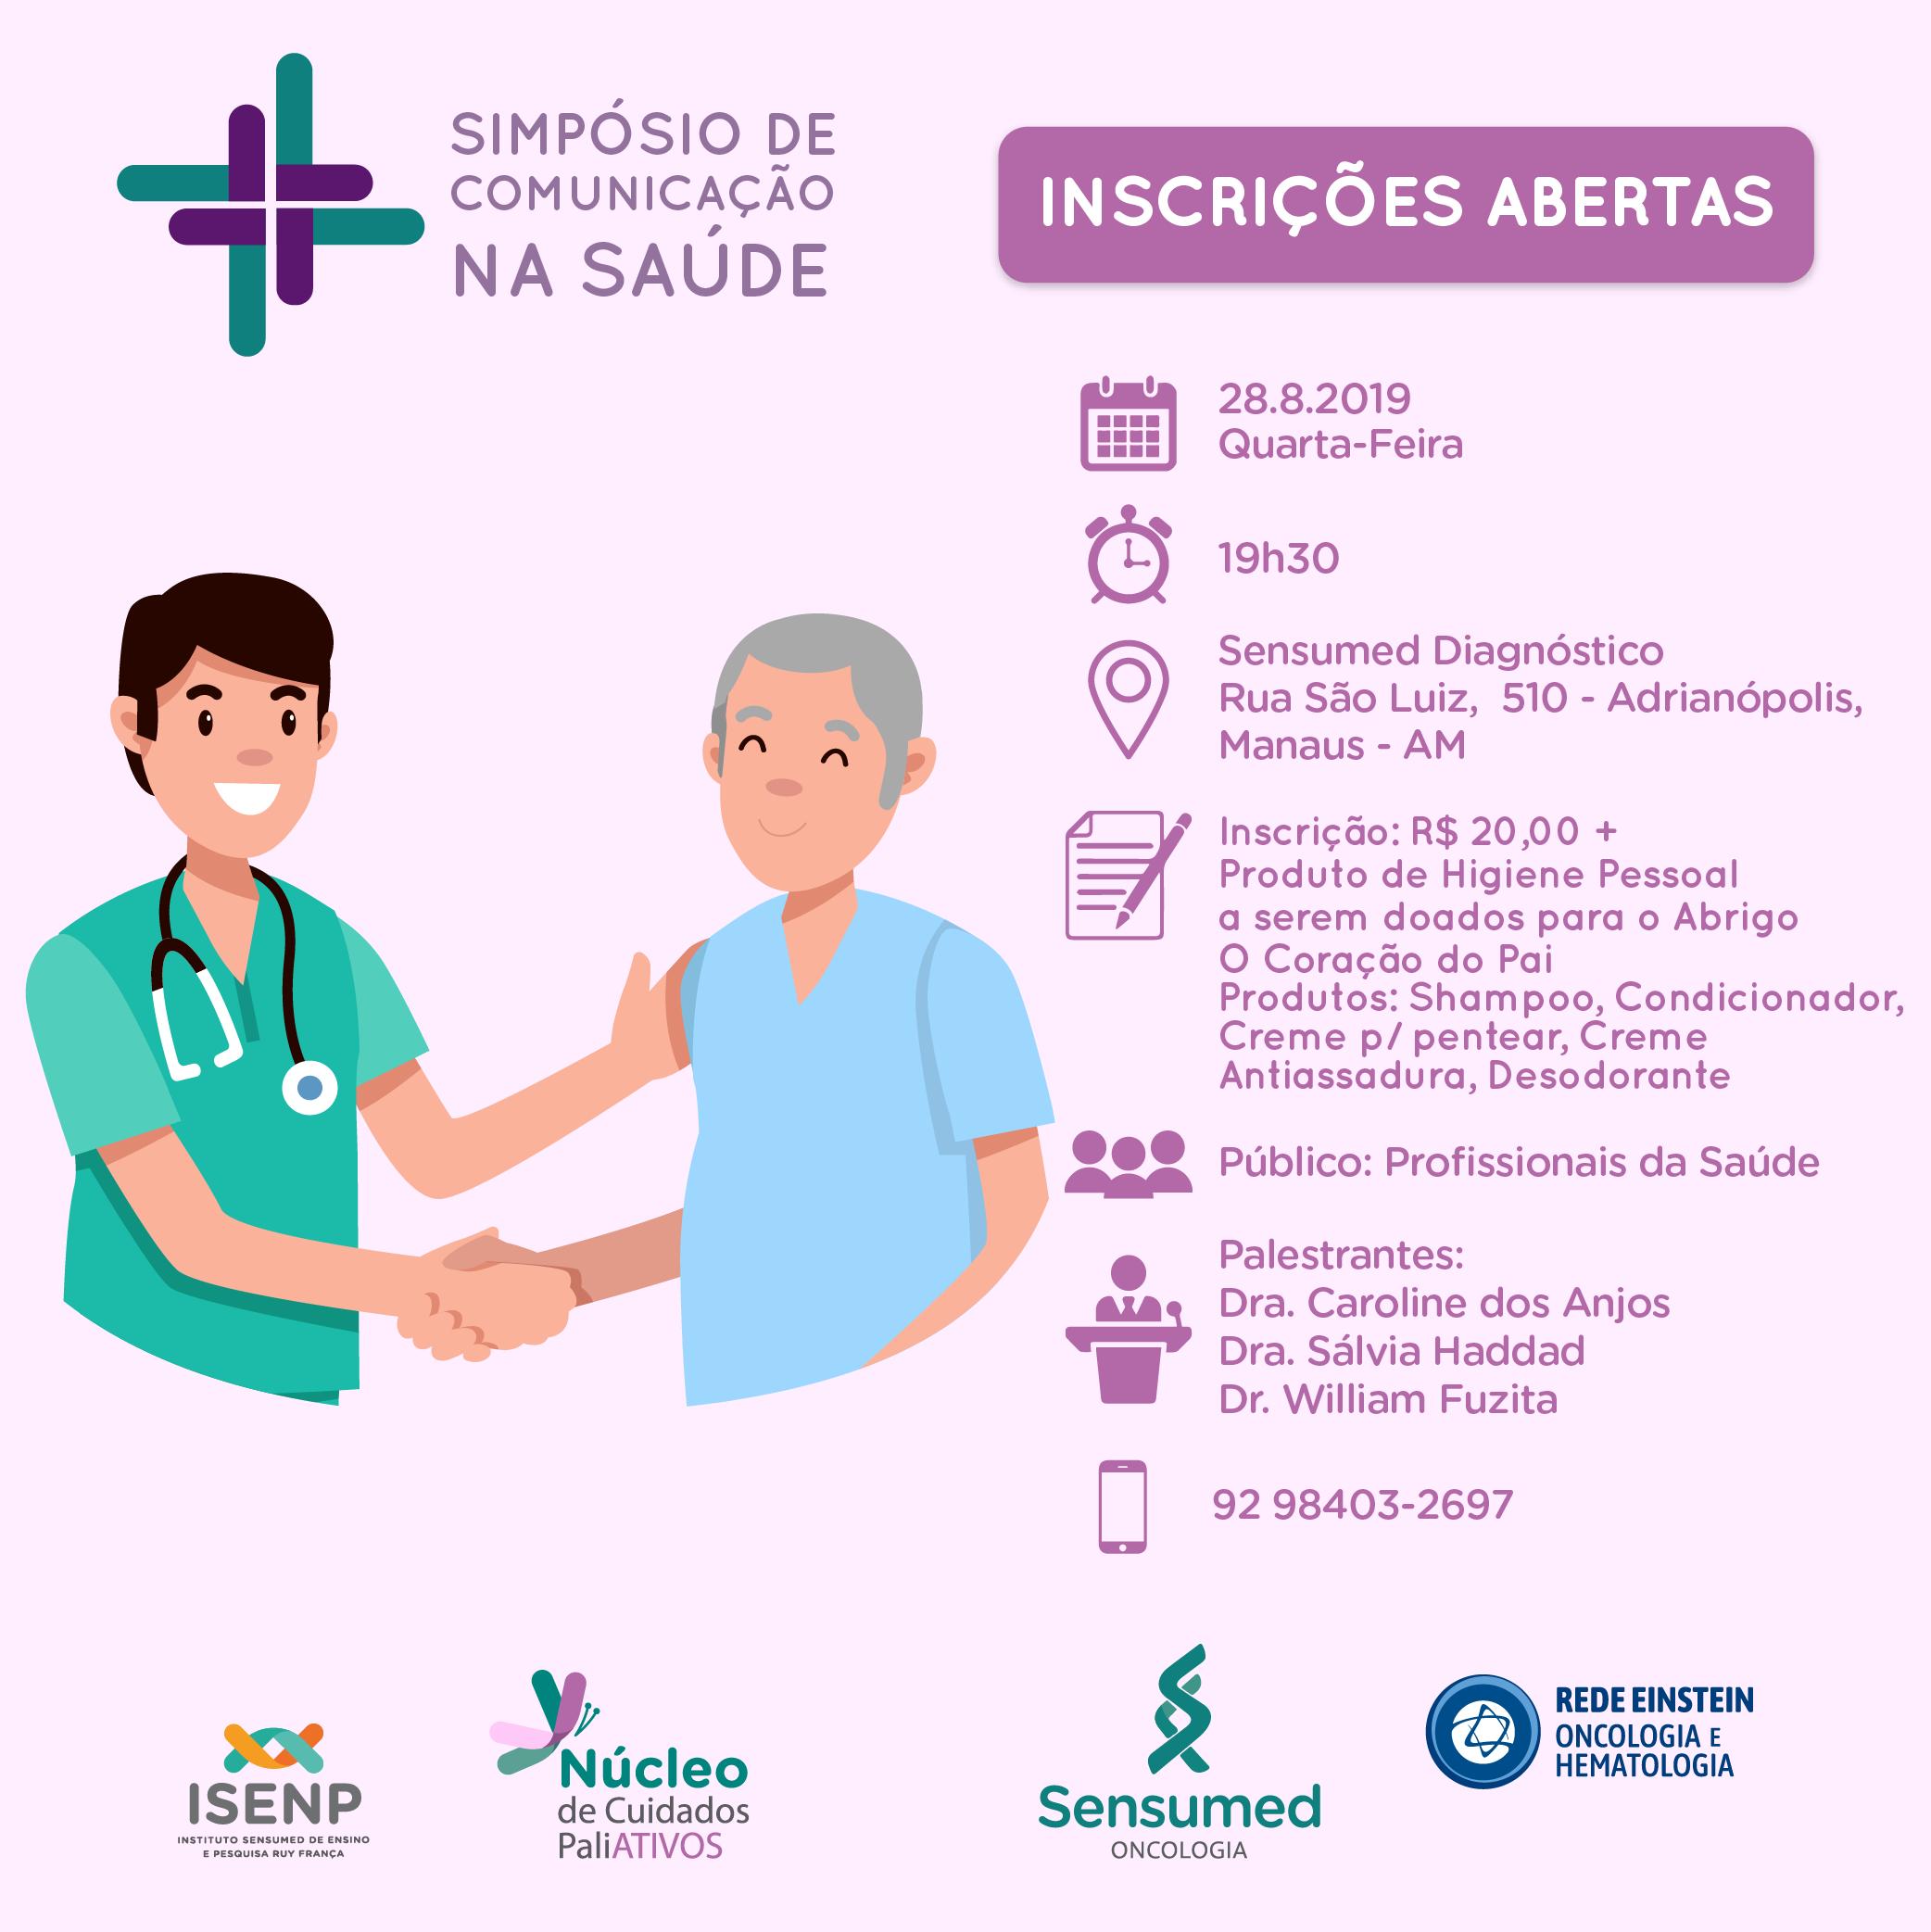 Núcleo de Cuidados Paliativos da SENSUMED Oncologia e ISENP realizam Simpósio de Comunicação na Saúde